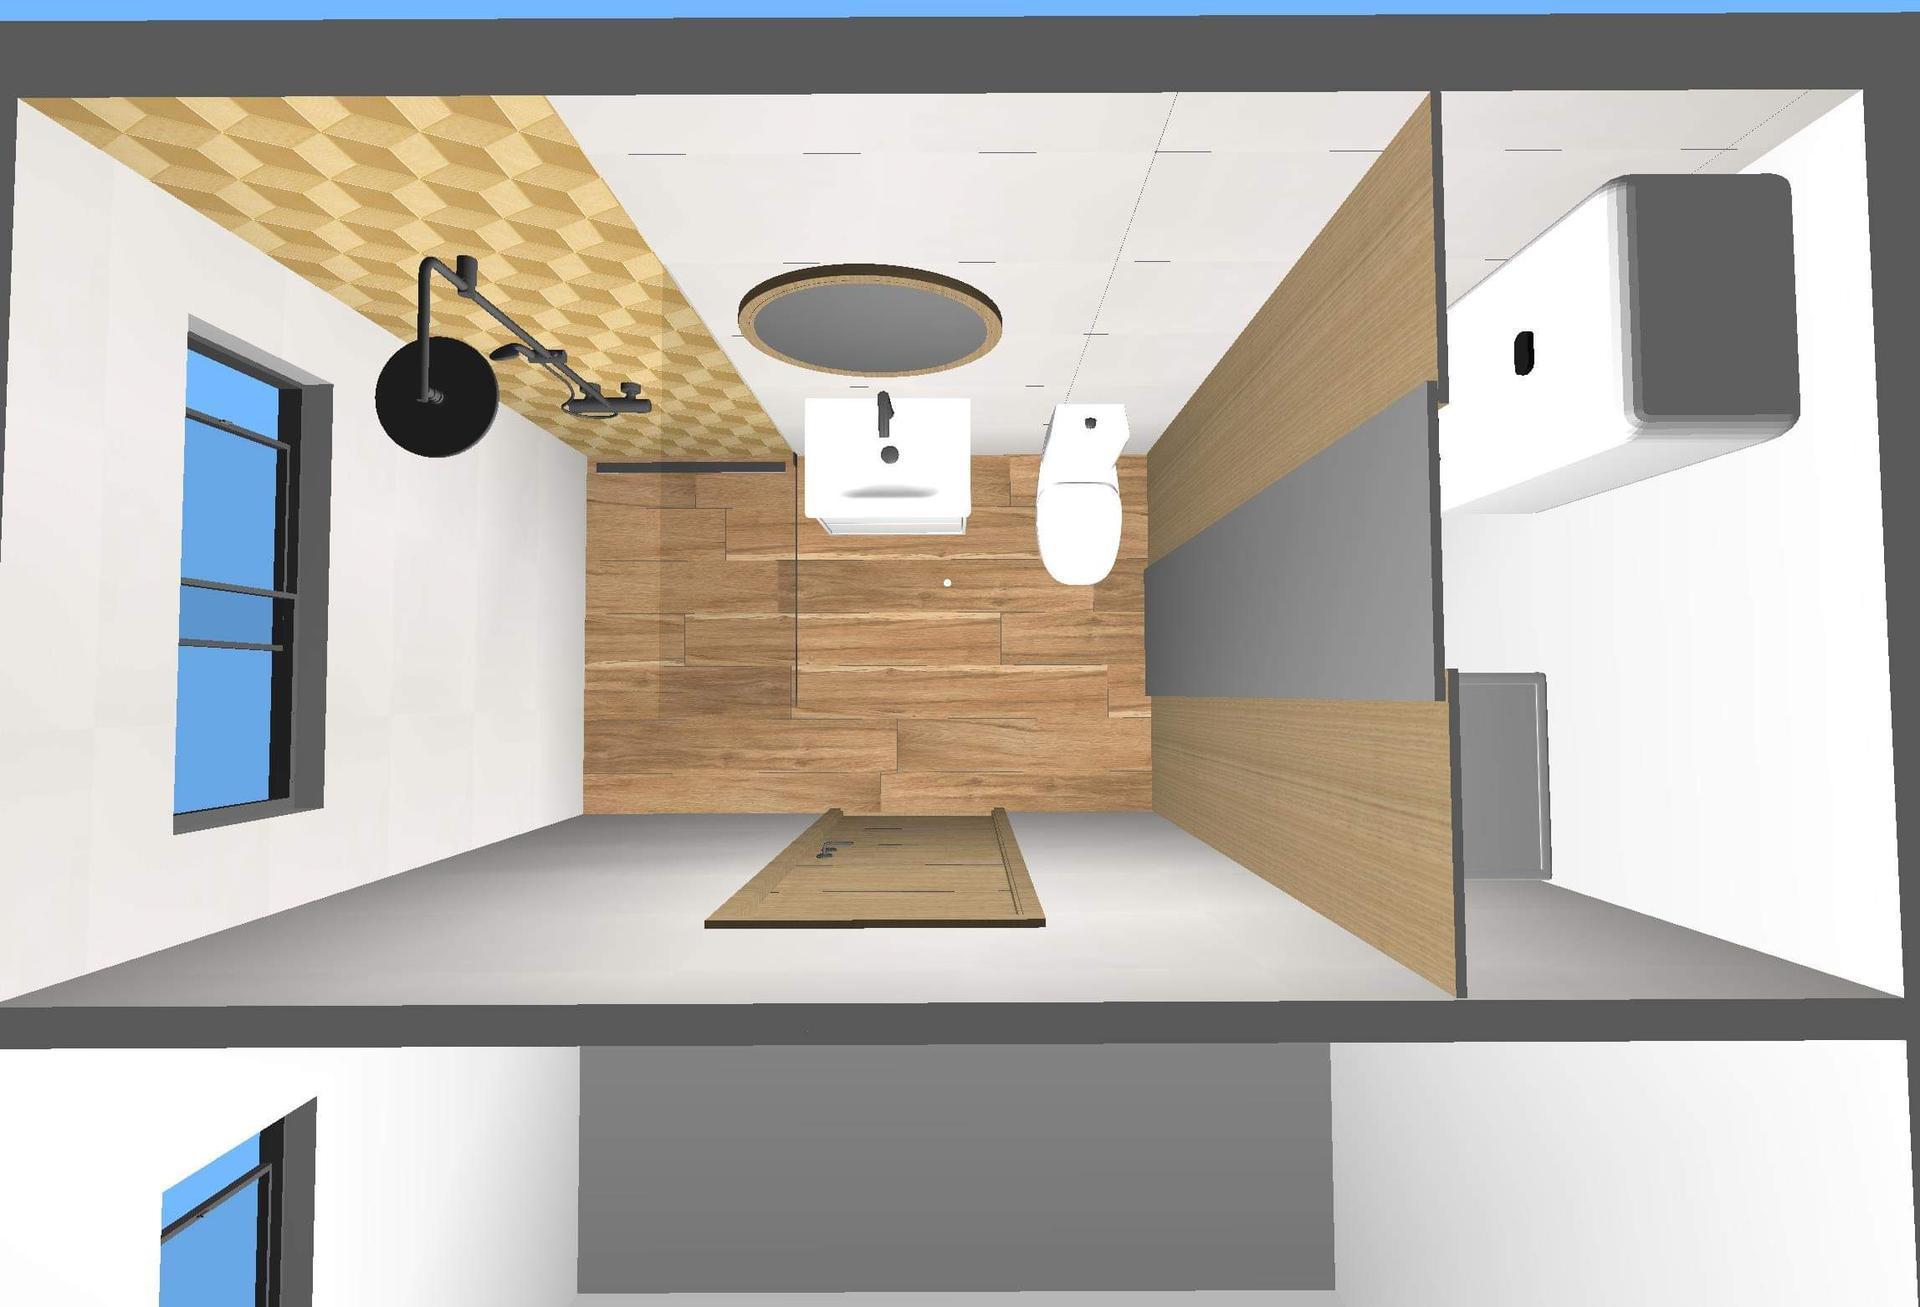 Kúpeľňa, čo zmeniť, nie obklad to ešte nie, skôr umiestnenie - Obrázok č. 1